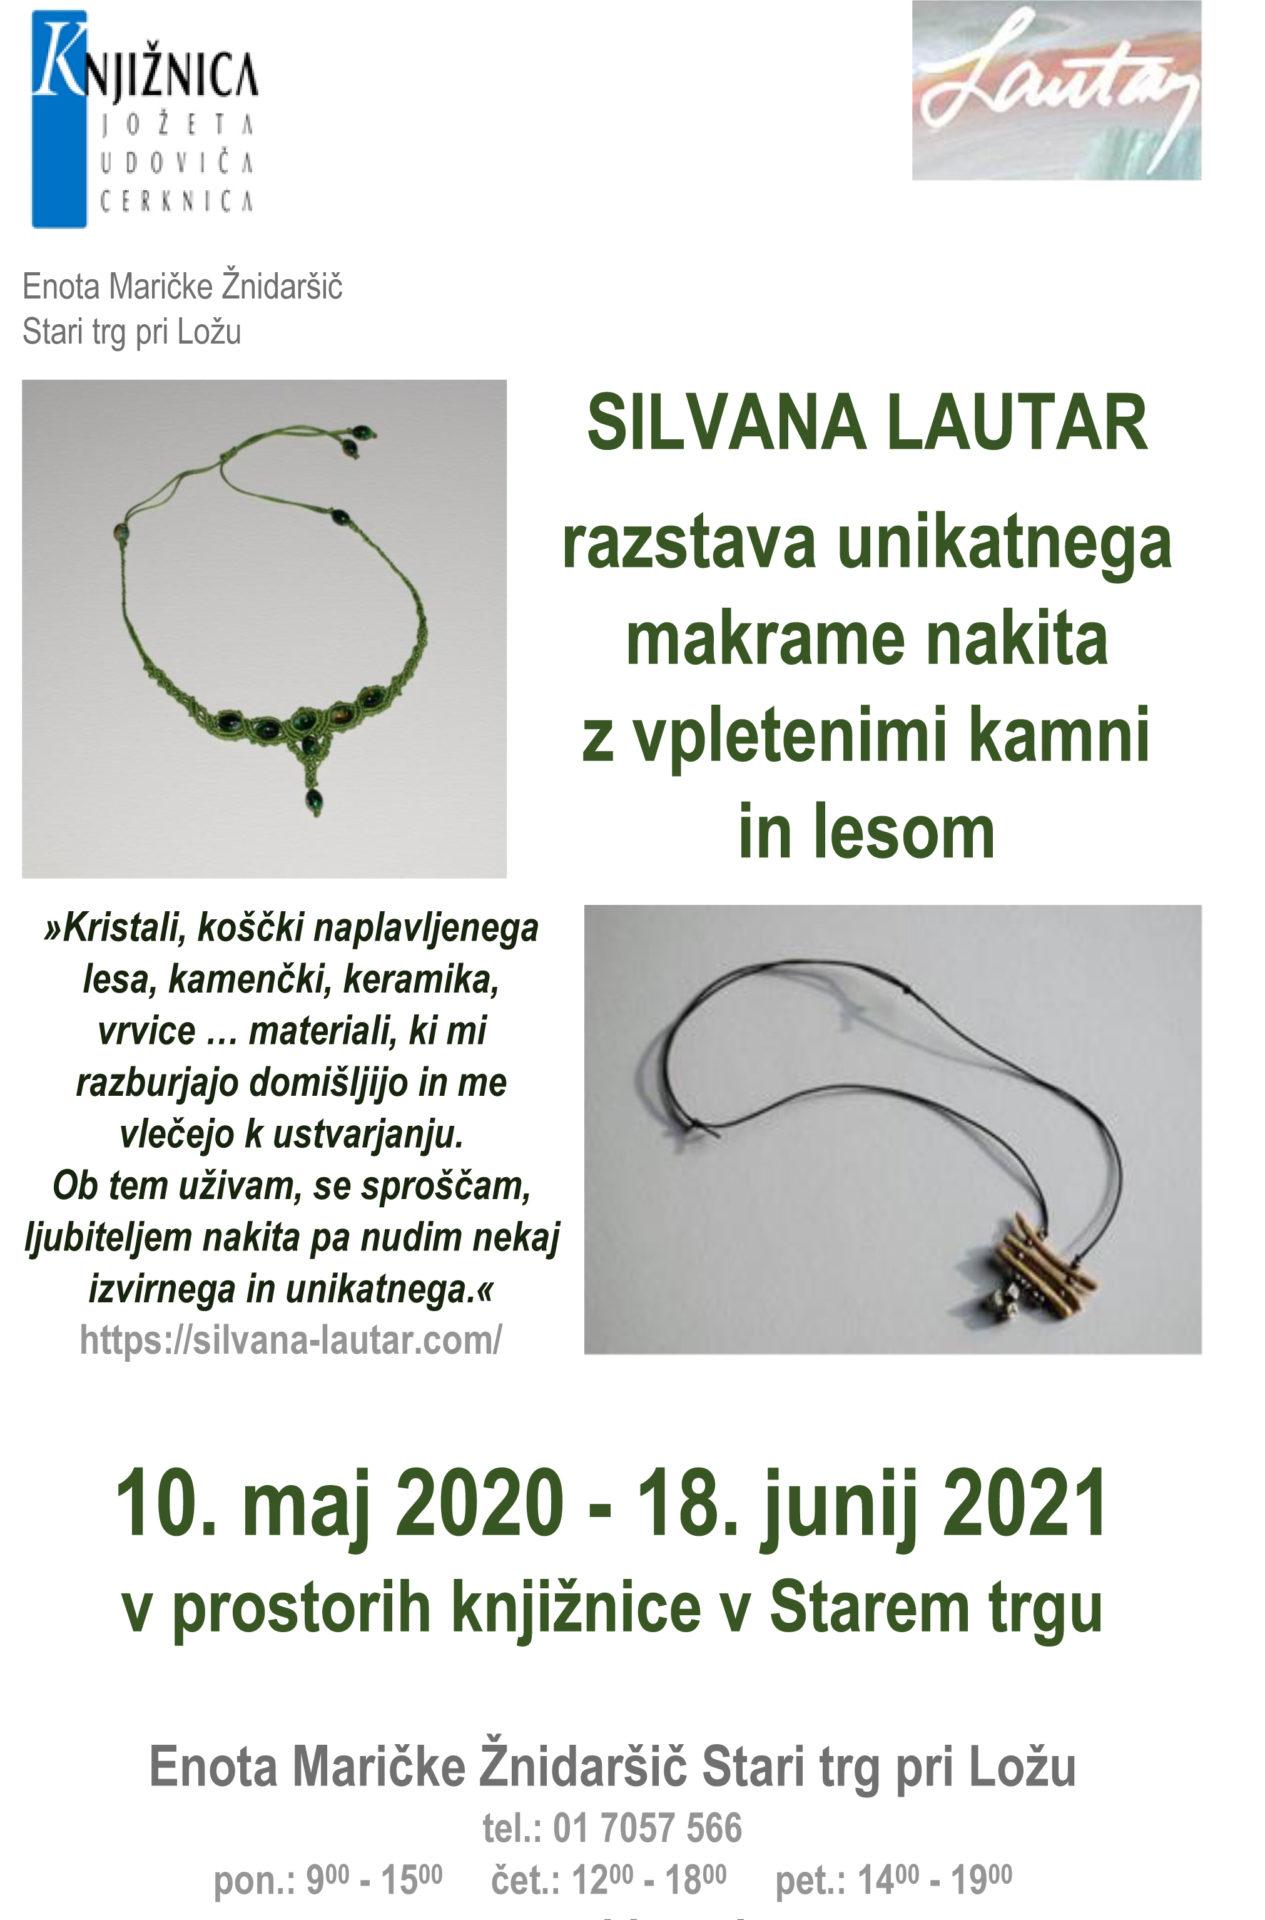 silvana lautar - Silvana Lautar - razstava unikatnega makrame nakita z vpletenimi kamni in lesom